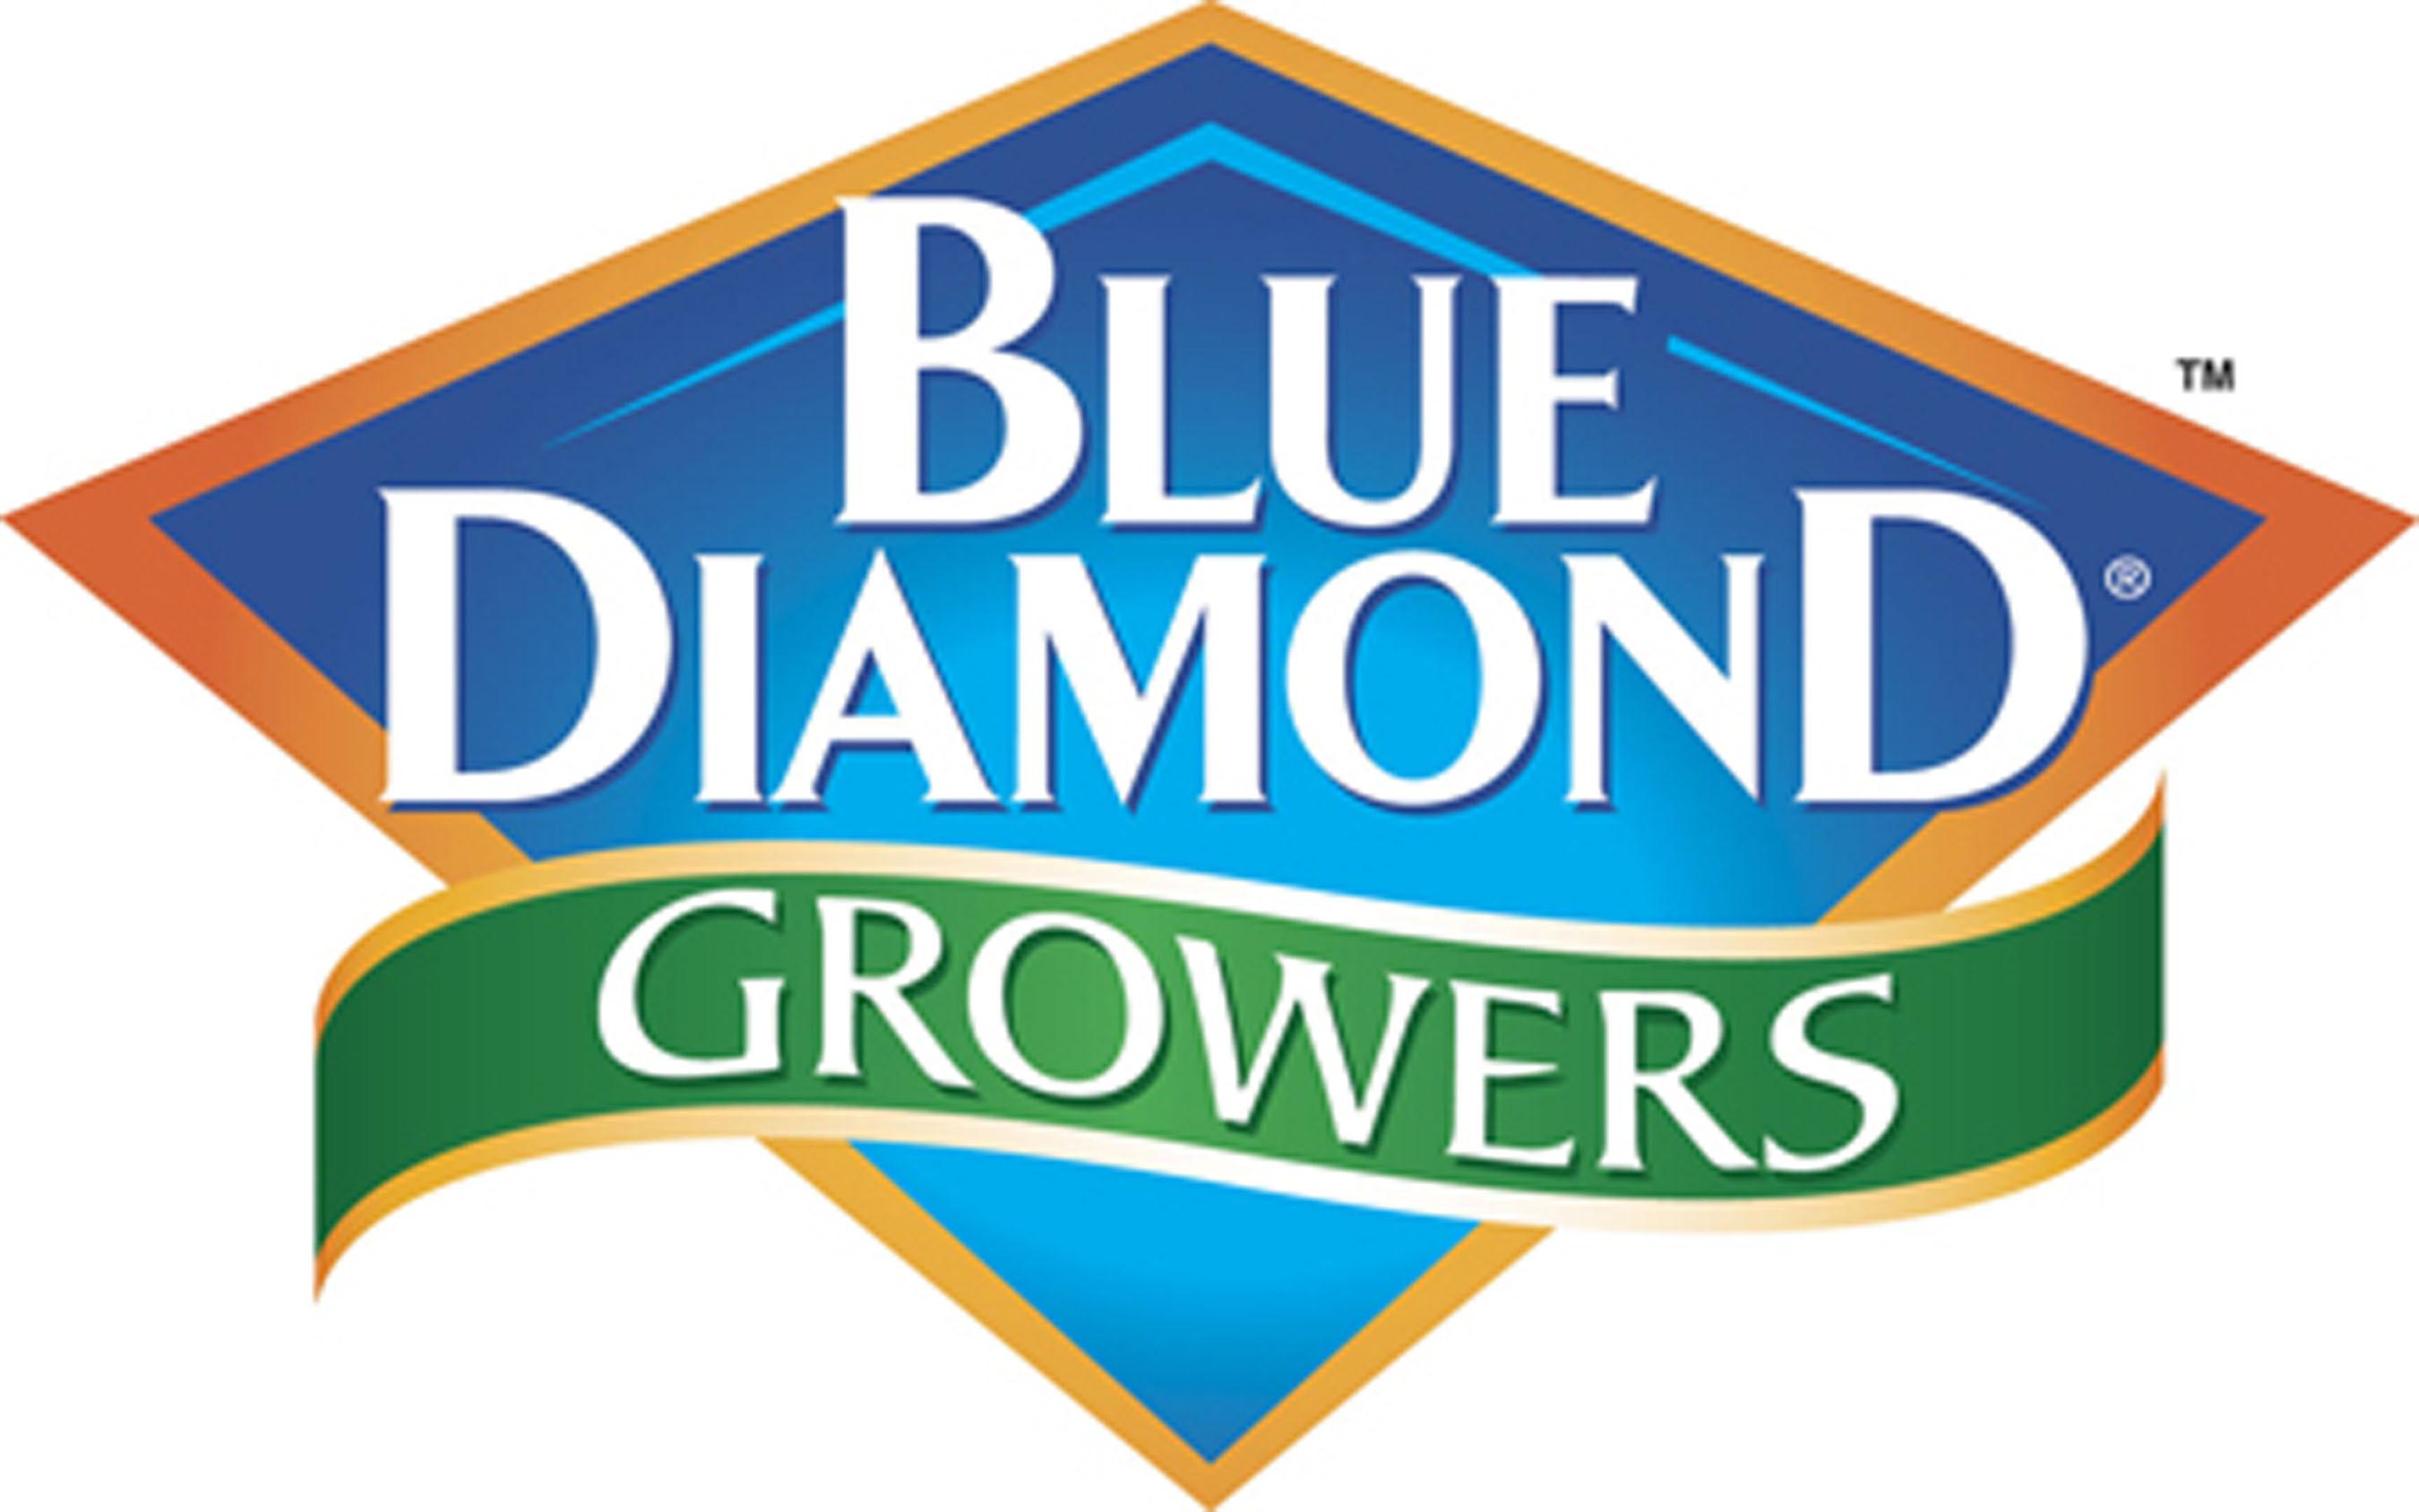 Blue Diamond Growers